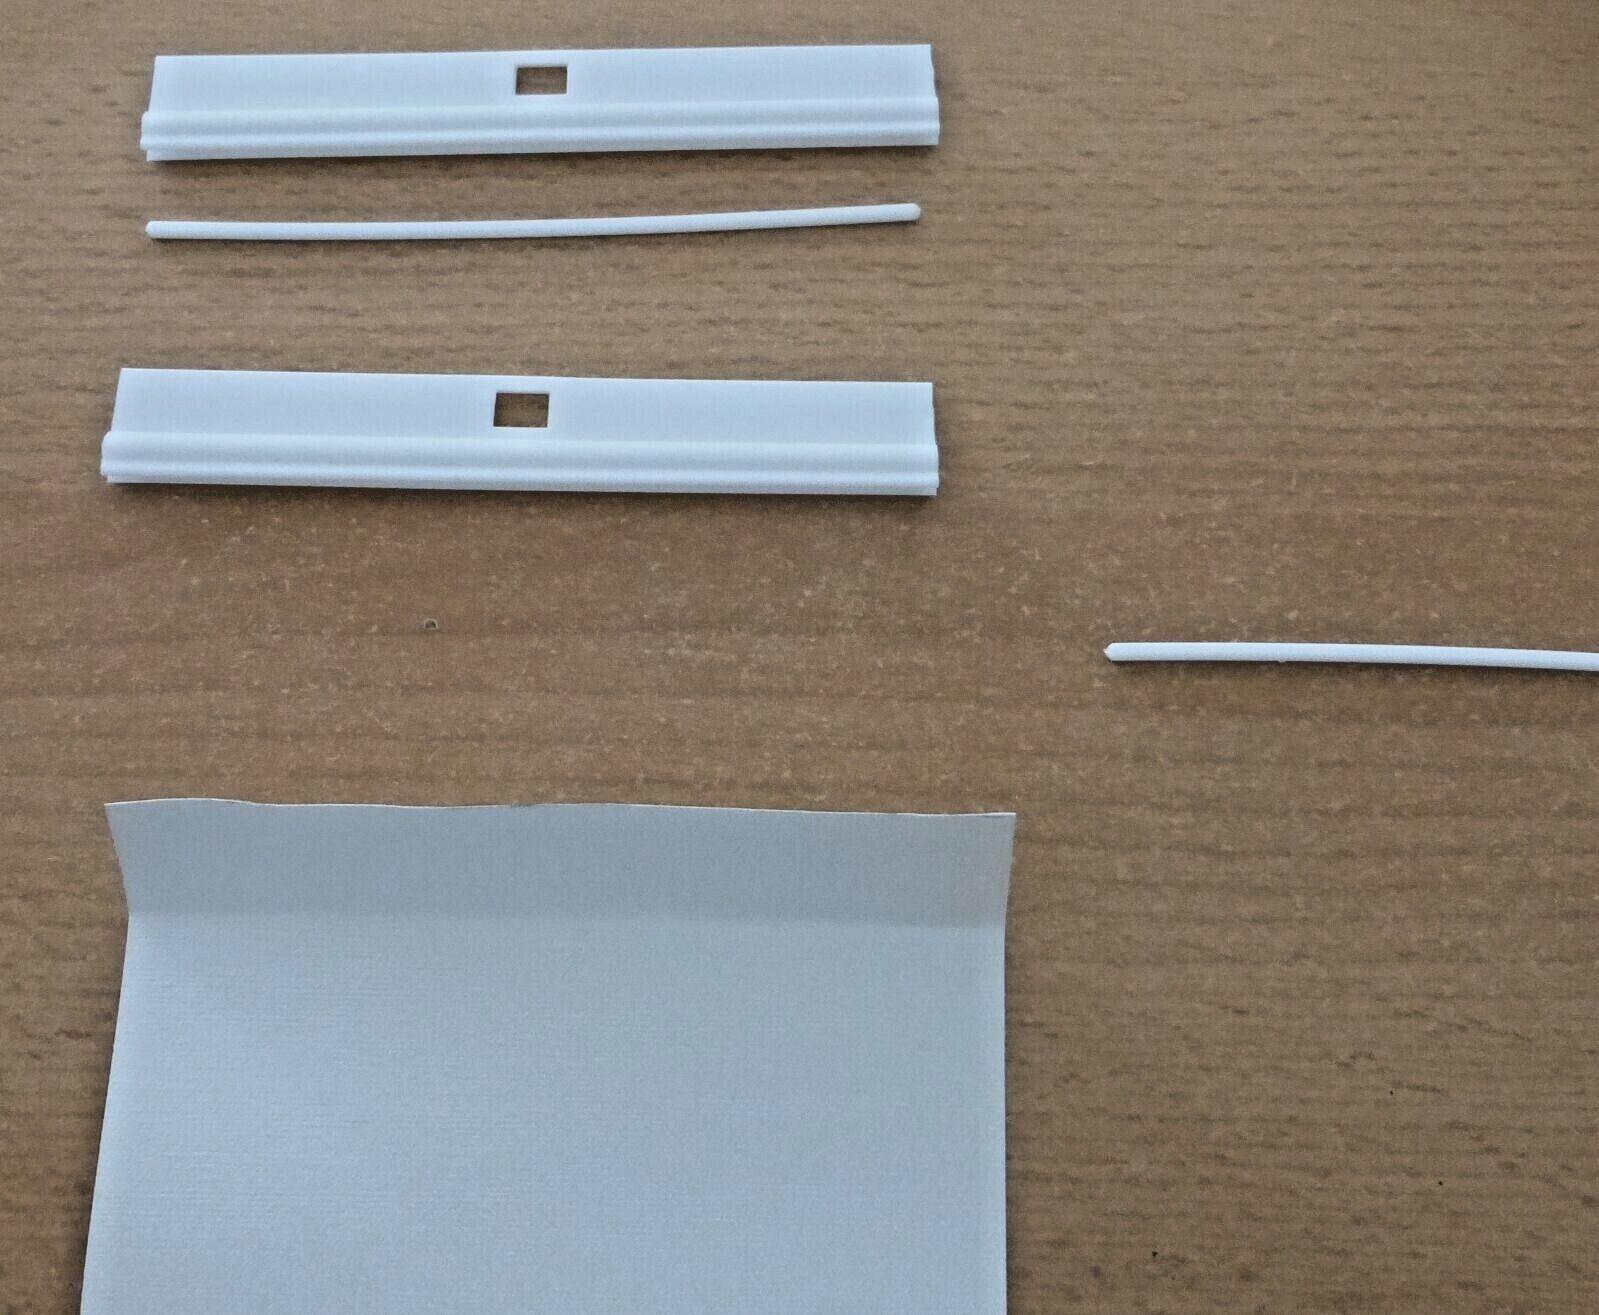 10 Lamellenhalter 127 mm zum Kürzen Lamellenvorhang/Vertikal-Jalousie Rollo weiß